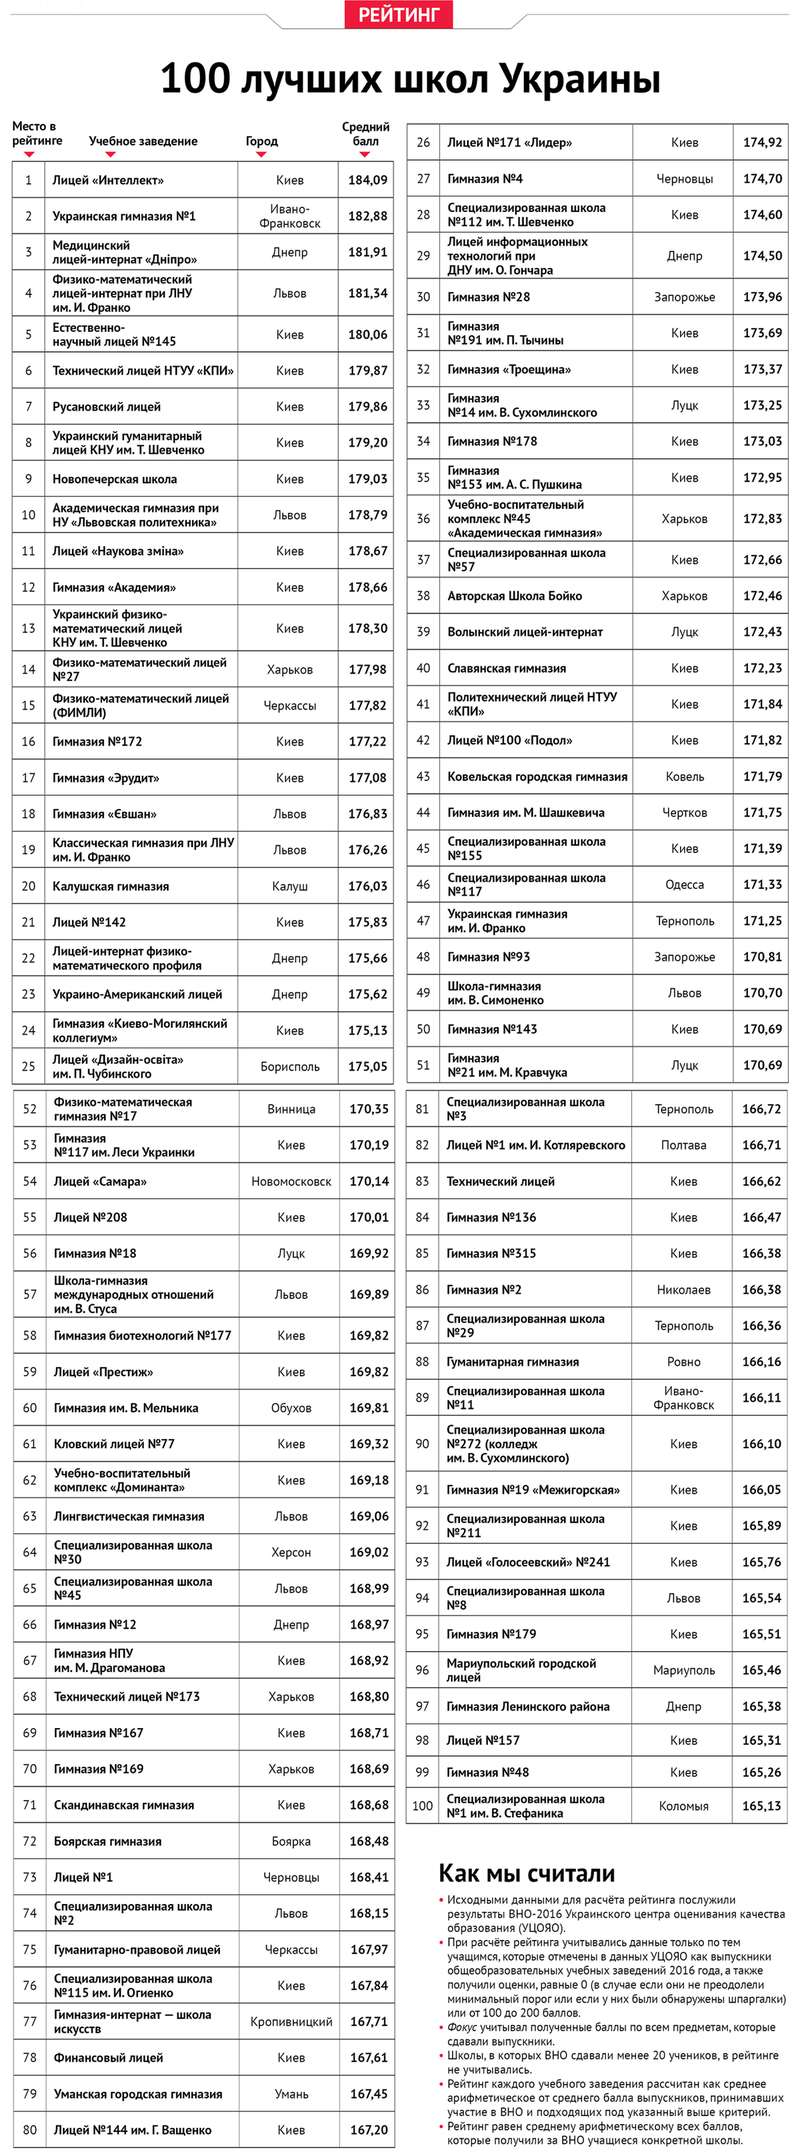 Дві чернівецькі школи серед сотні найкращих в Україні